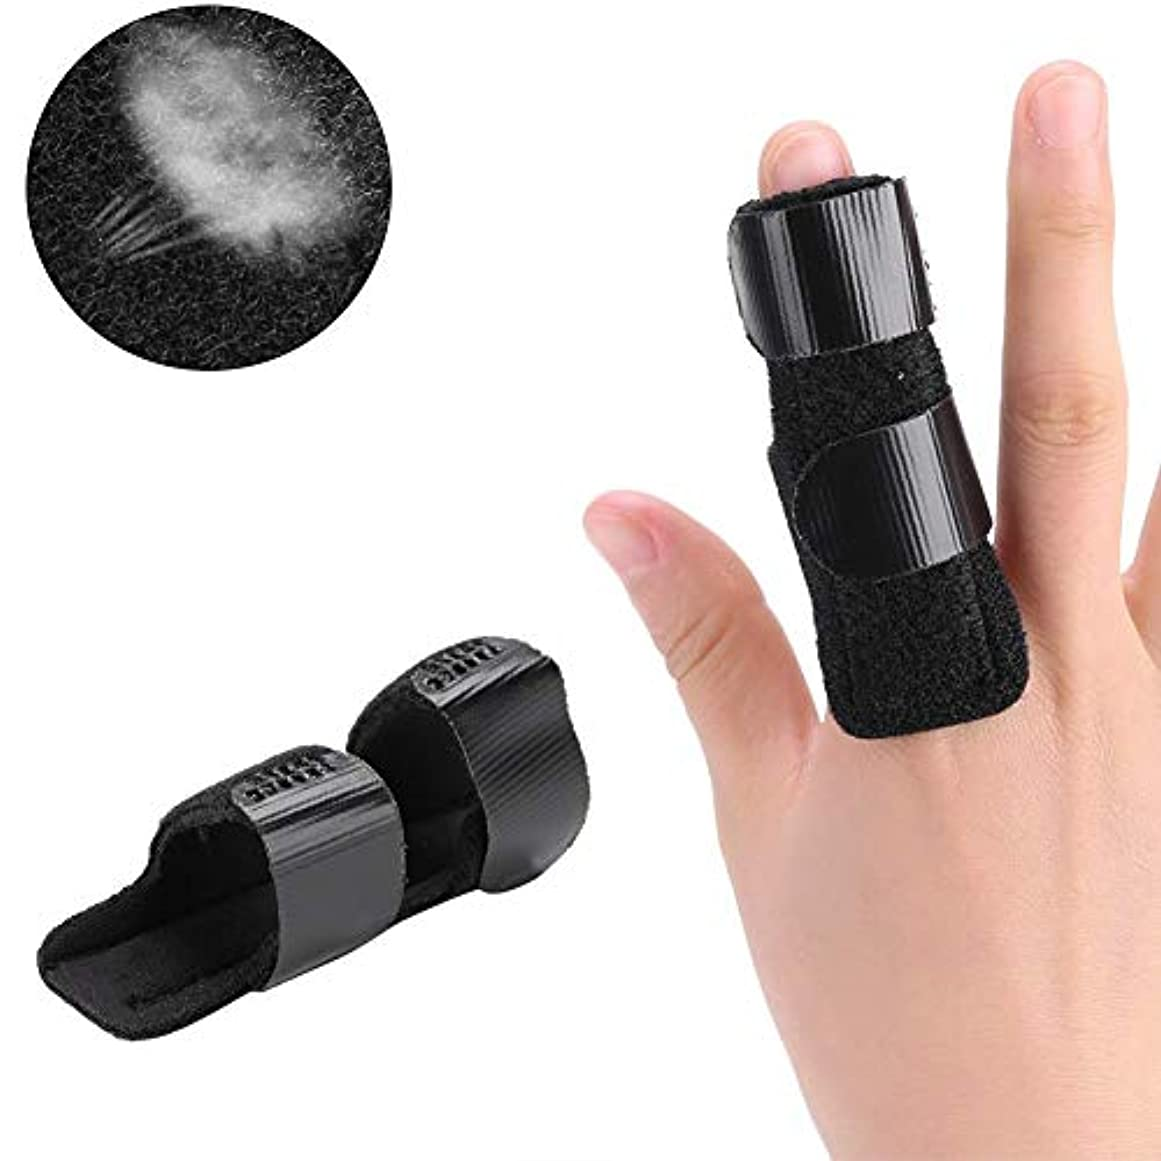 範囲ナット泥ばね指スプリント、ストレートカーブ、曲がった、ロックされたとStenosing腱鞘炎手、指の骨折、術後ケアとばね指の痛みを軽減、全指のためのスーツのためのサポートブレース